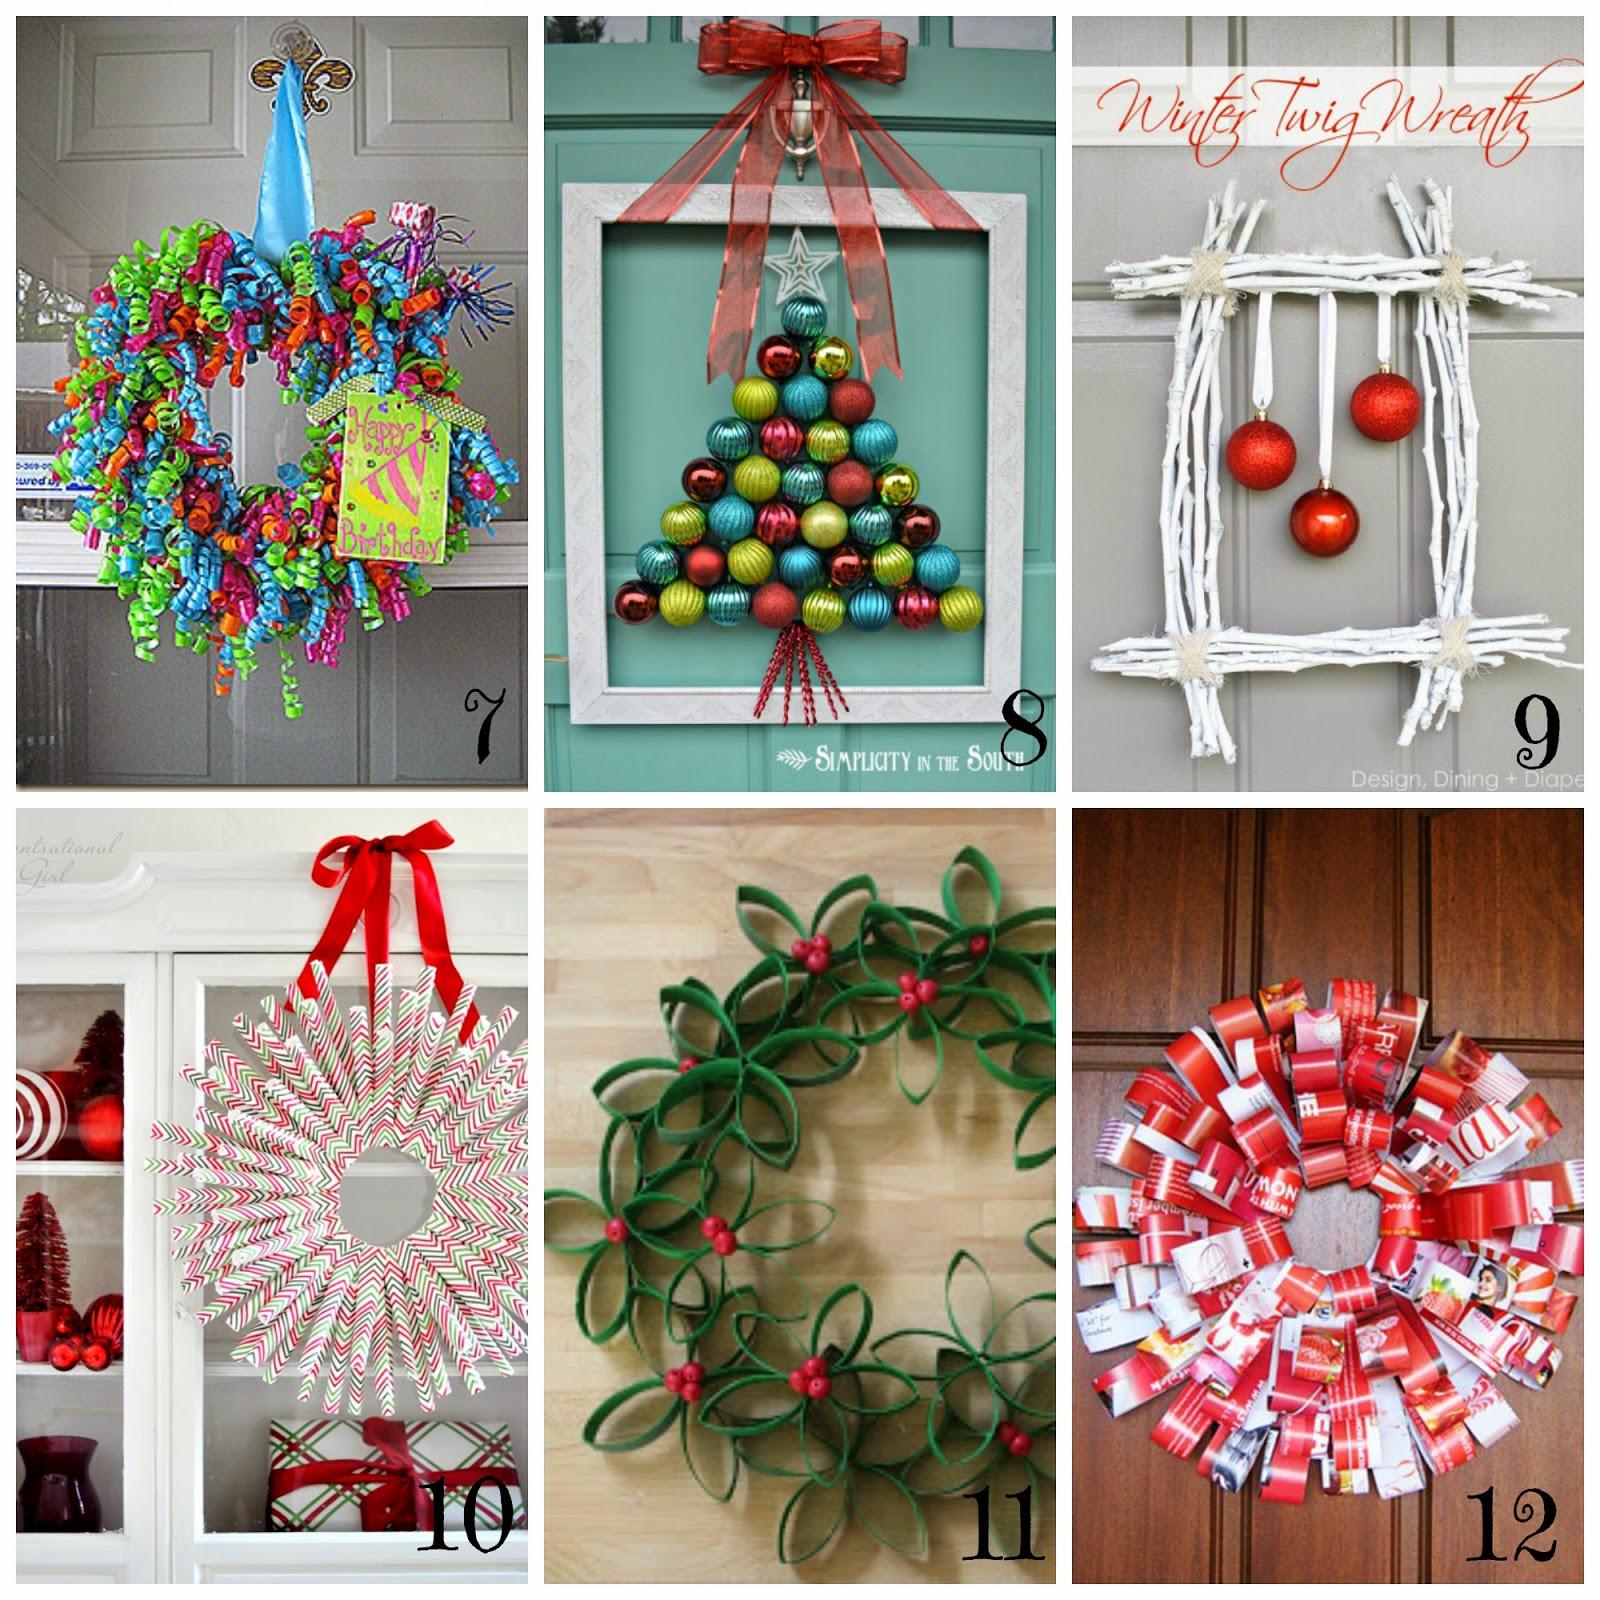 Tutorial Regali Di Natale Fai Da Te.Ghirlande Di Natale Fai Da Te 12 Tutorial Semplici E Veloci Donneinpink Magazine